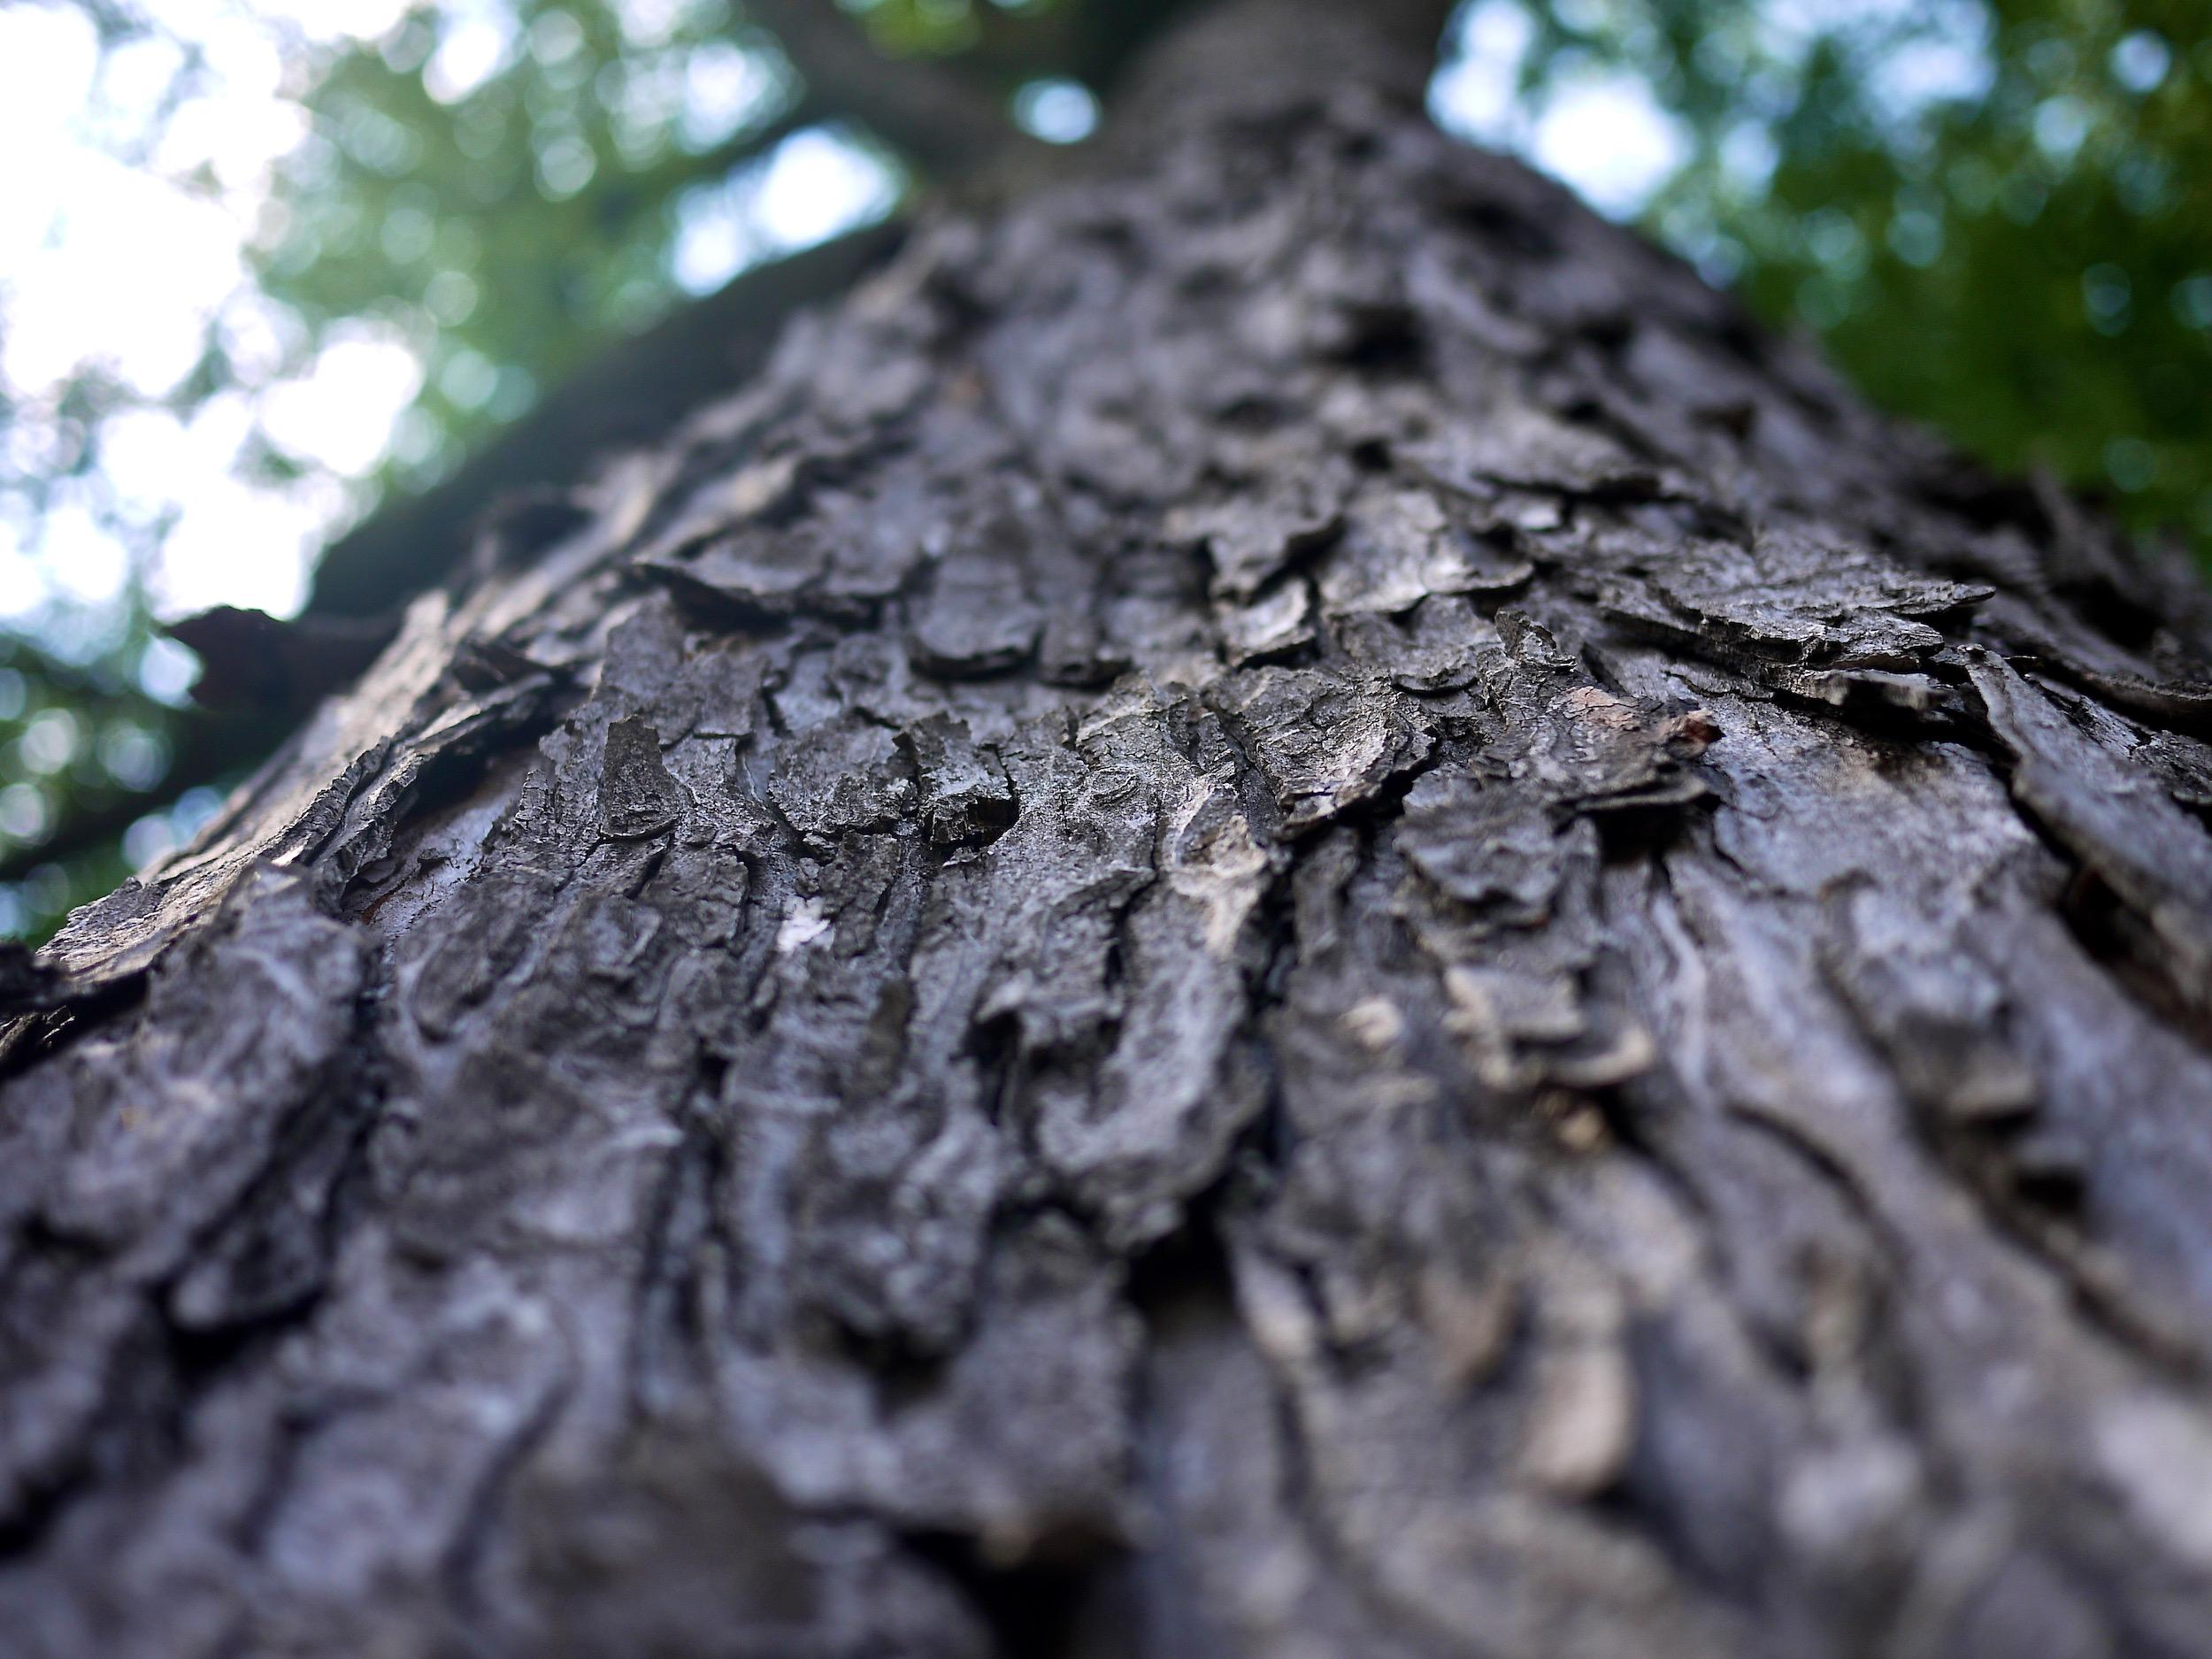 Close up photo of tree bark.